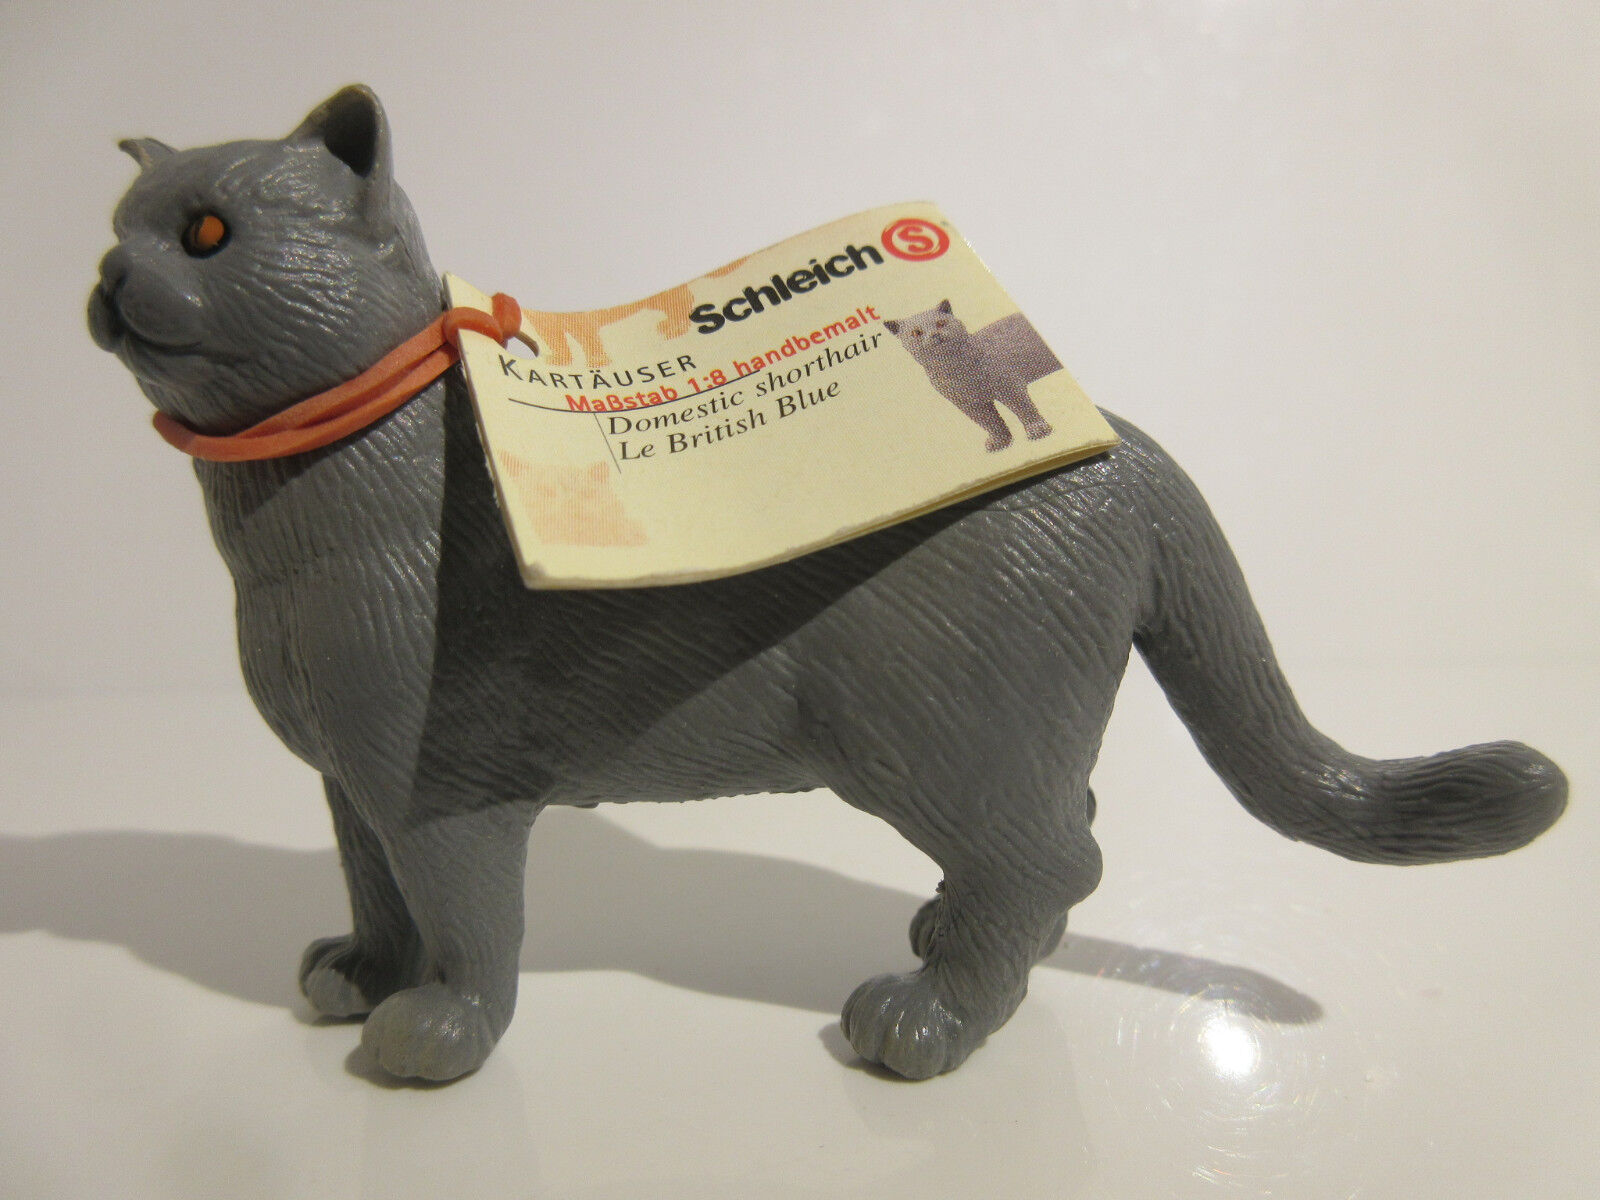 16651 Schleich Cat   British Blau Cat, standing  booklet   ref   21P9